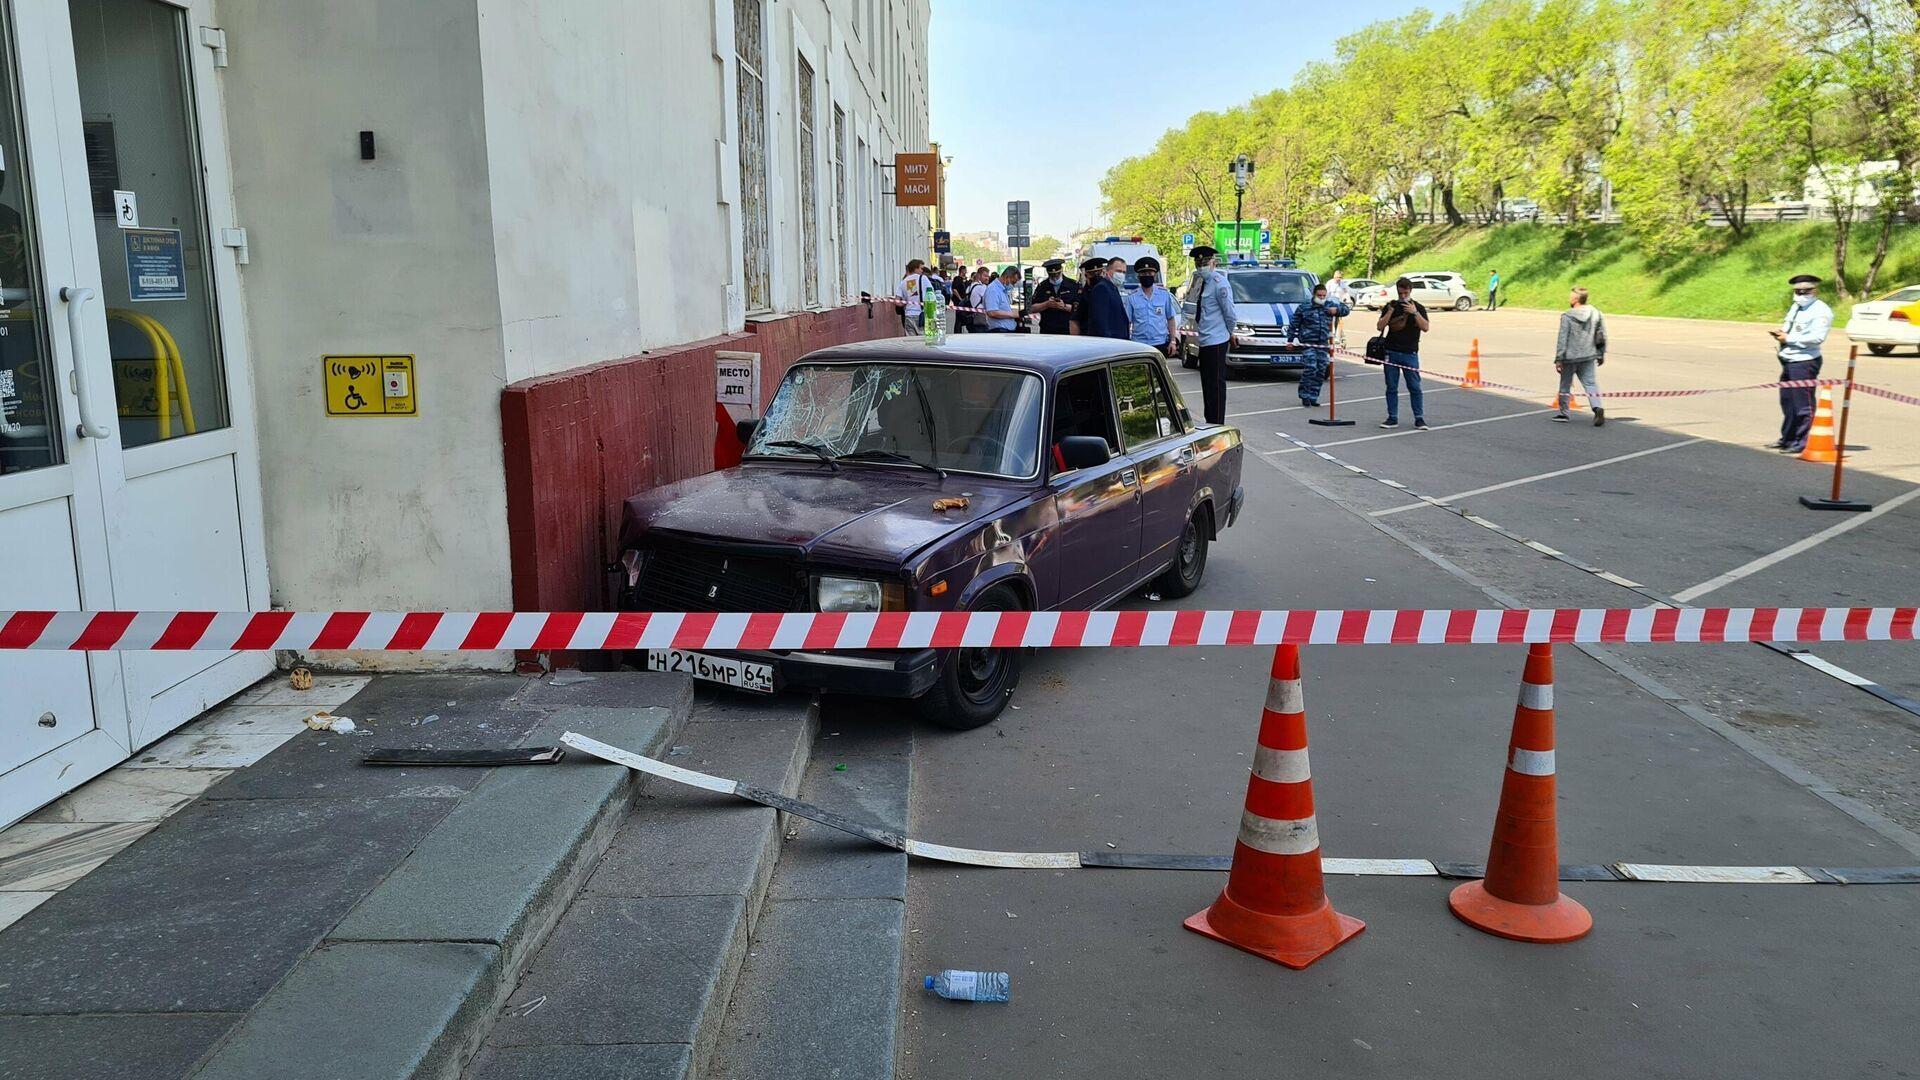 Последствия ДТП на Волгоградском проспекте, где автомобиль ВАЗ выехал на тротуар и сбил пешеходов - РИА Новости, 1920, 18.05.2021